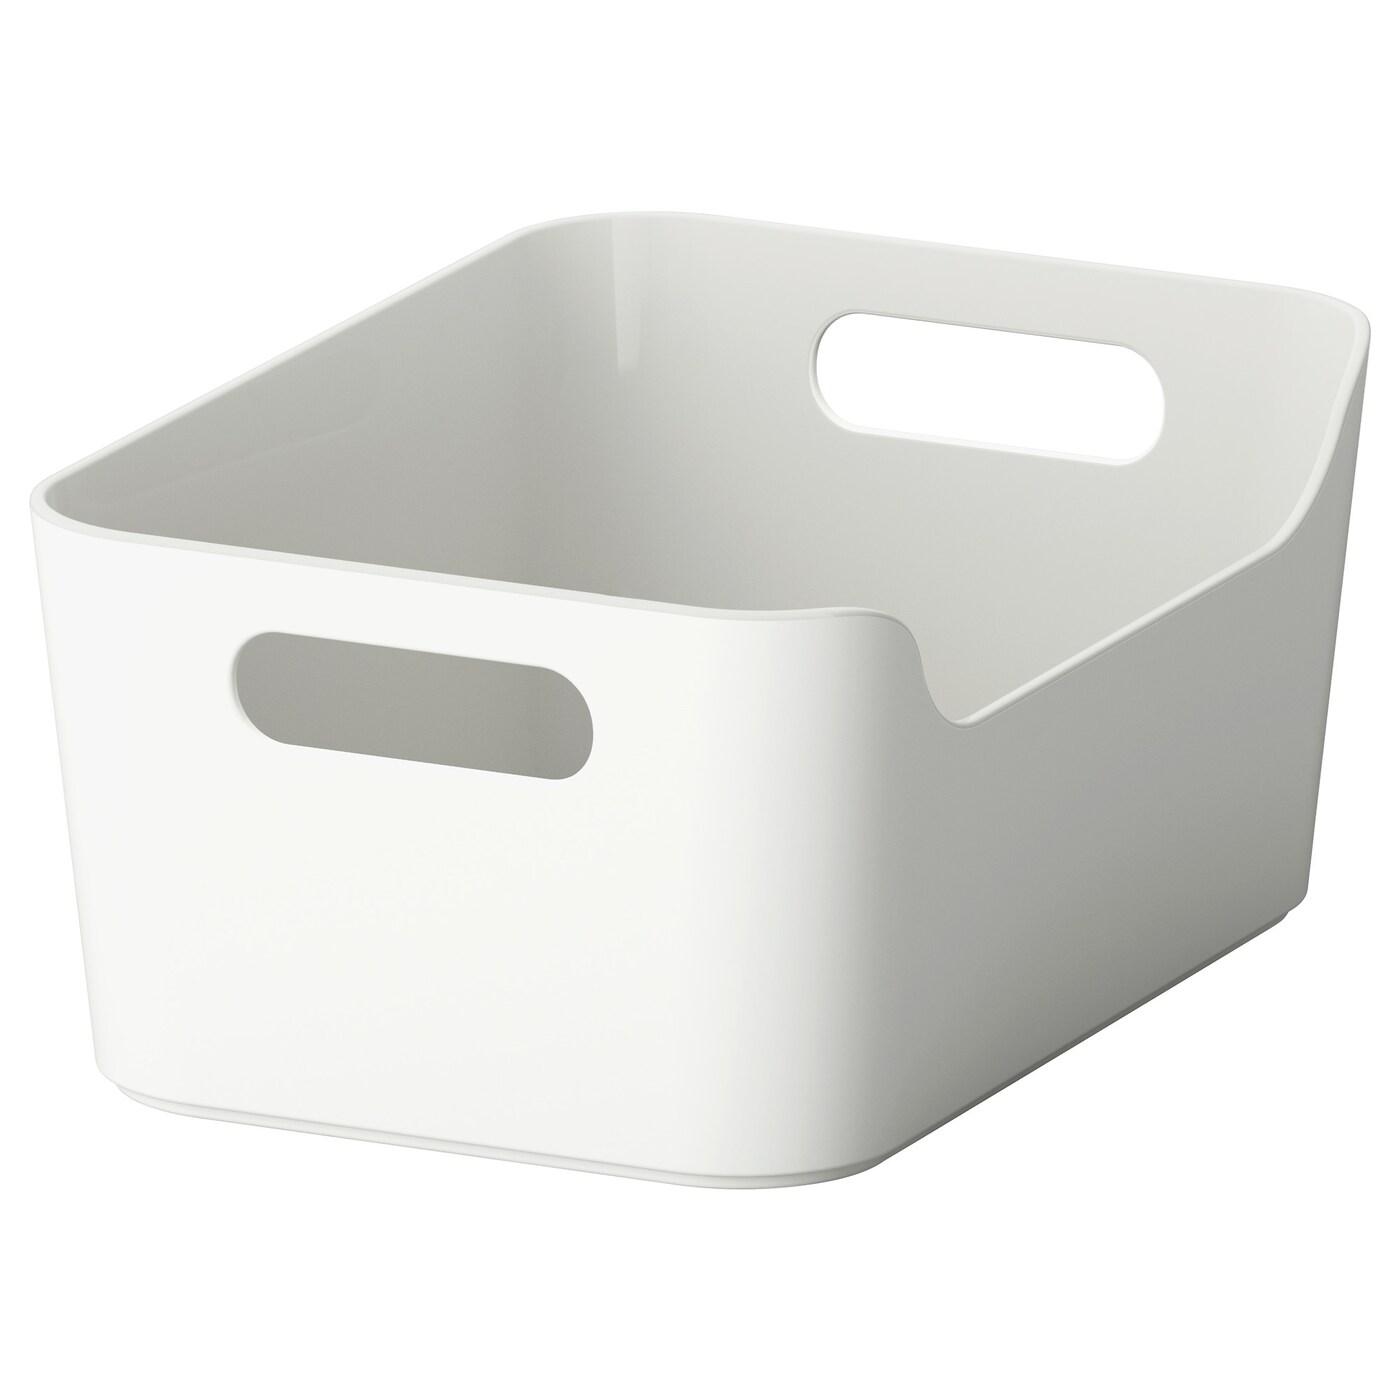 Nett Küchenschublade Kaschierpapier Uk Fotos - Ideen Für Die Küche ...